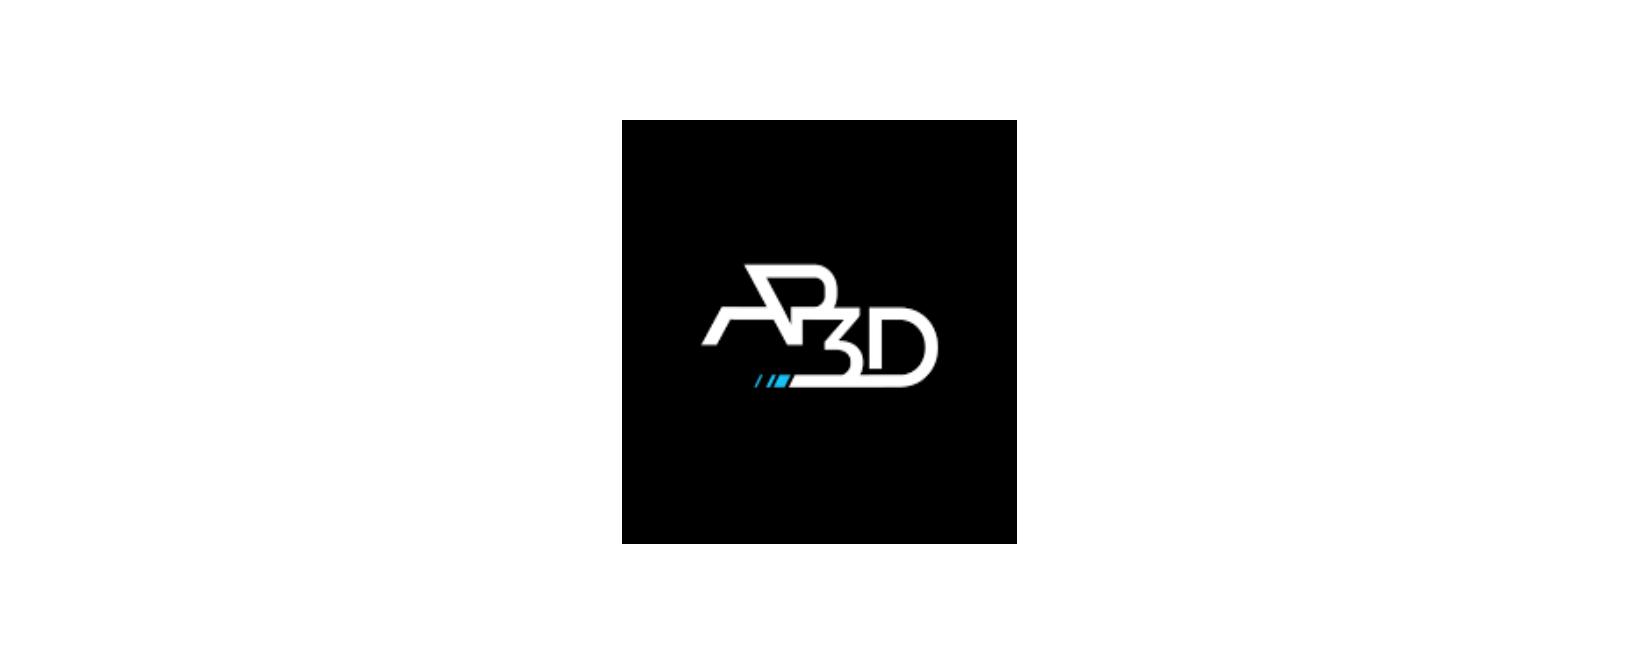 ArtPix 3D Discount Code 2021